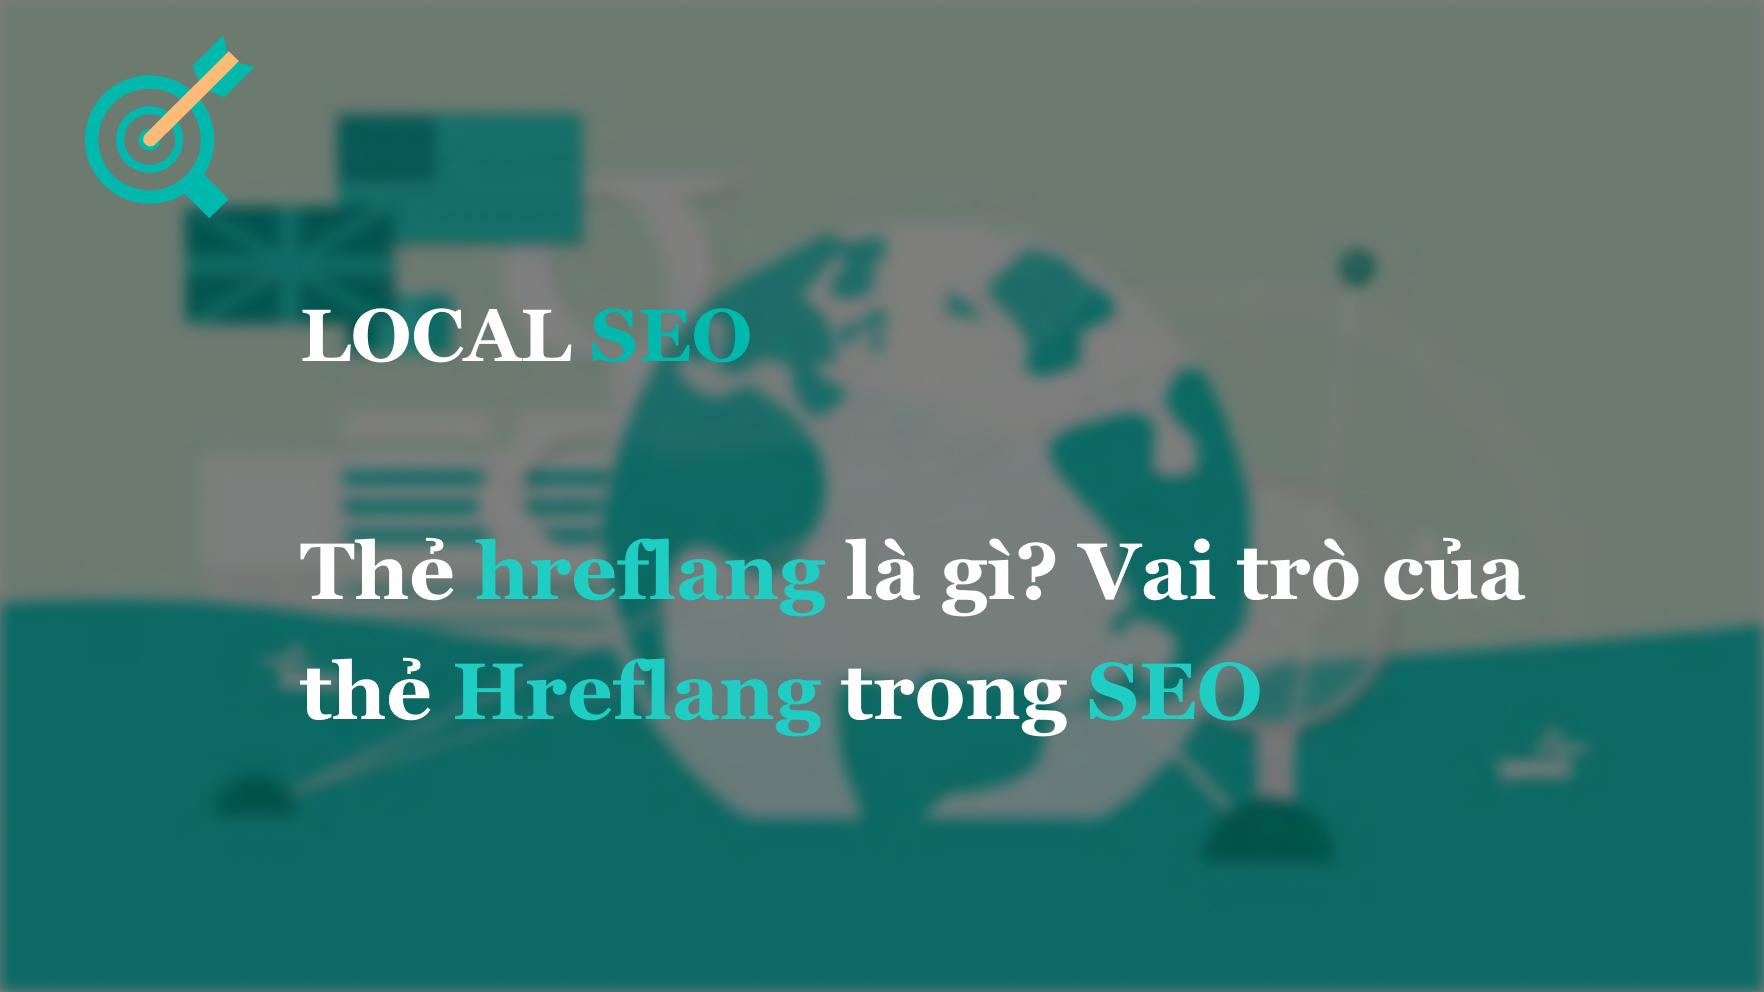 Thẻ hreflang là gì? Vai trò của thẻ Hreflang trong SEO